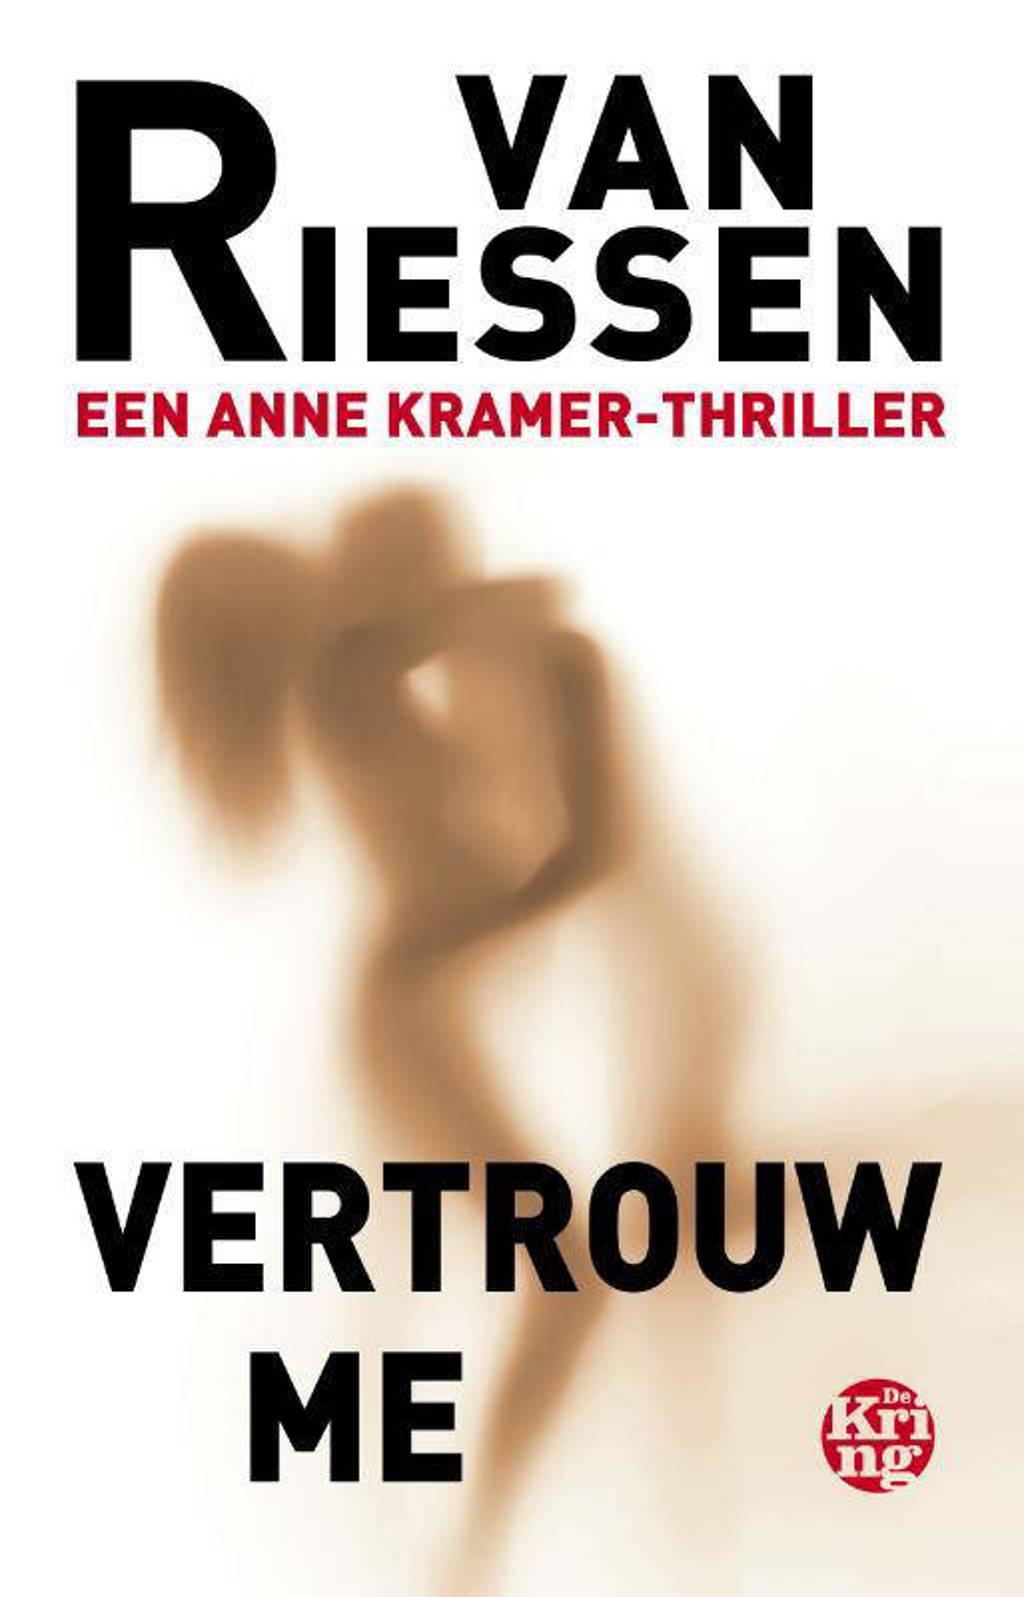 Vertrouw me - van Riessen